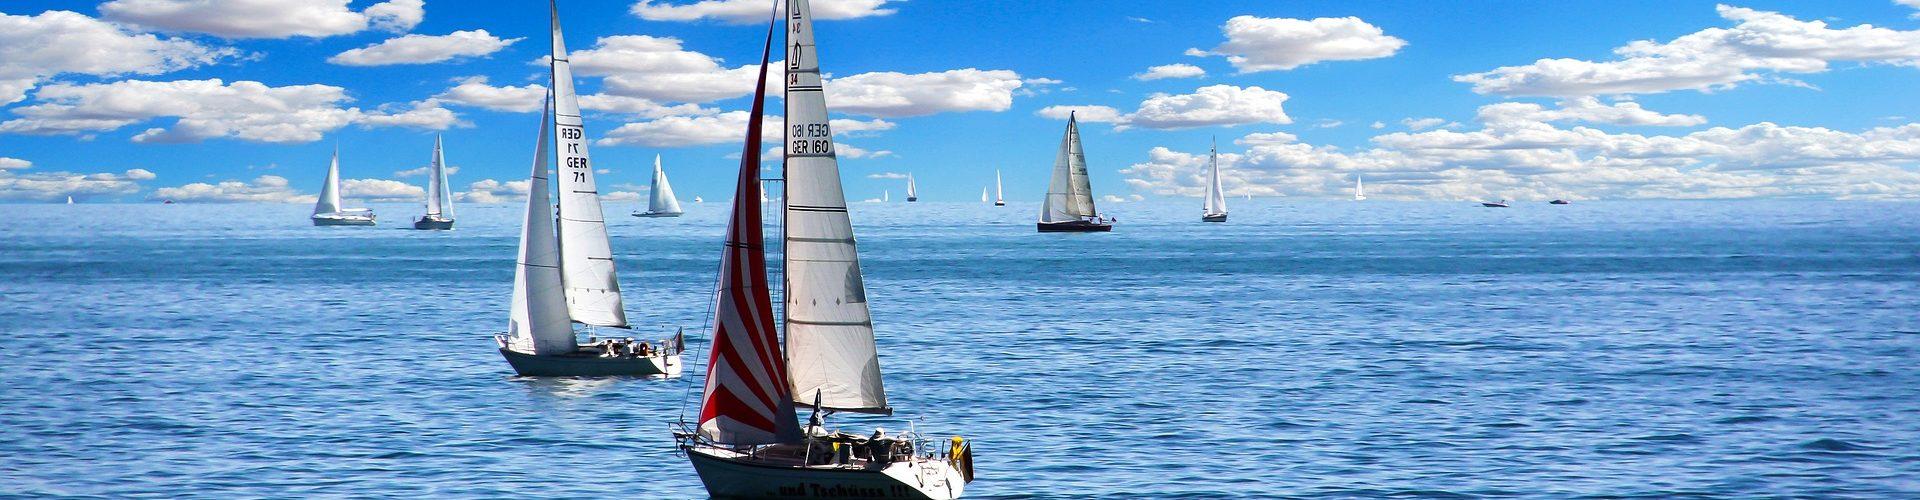 segeln lernen in Lenting segelschein machen in Lenting 1920x500 - Segeln lernen in Lenting